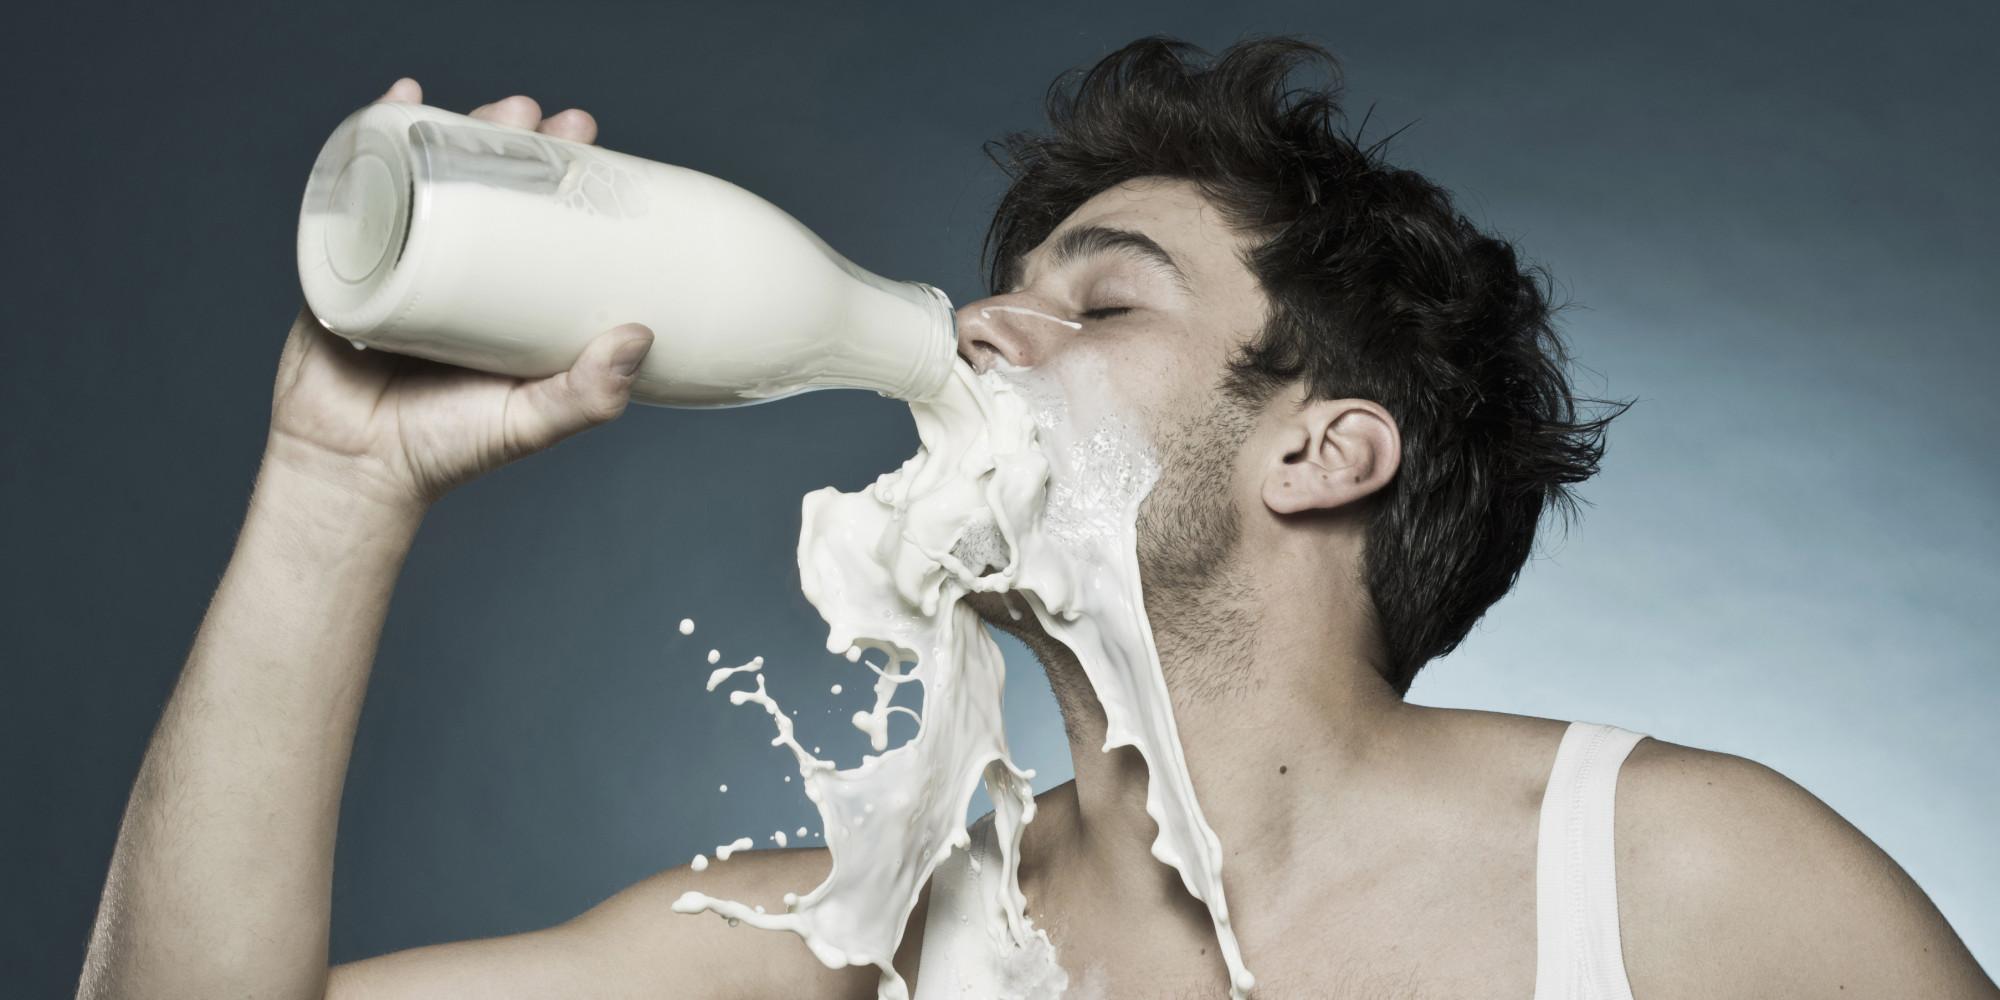 Вместо воды напилася спермой картинки